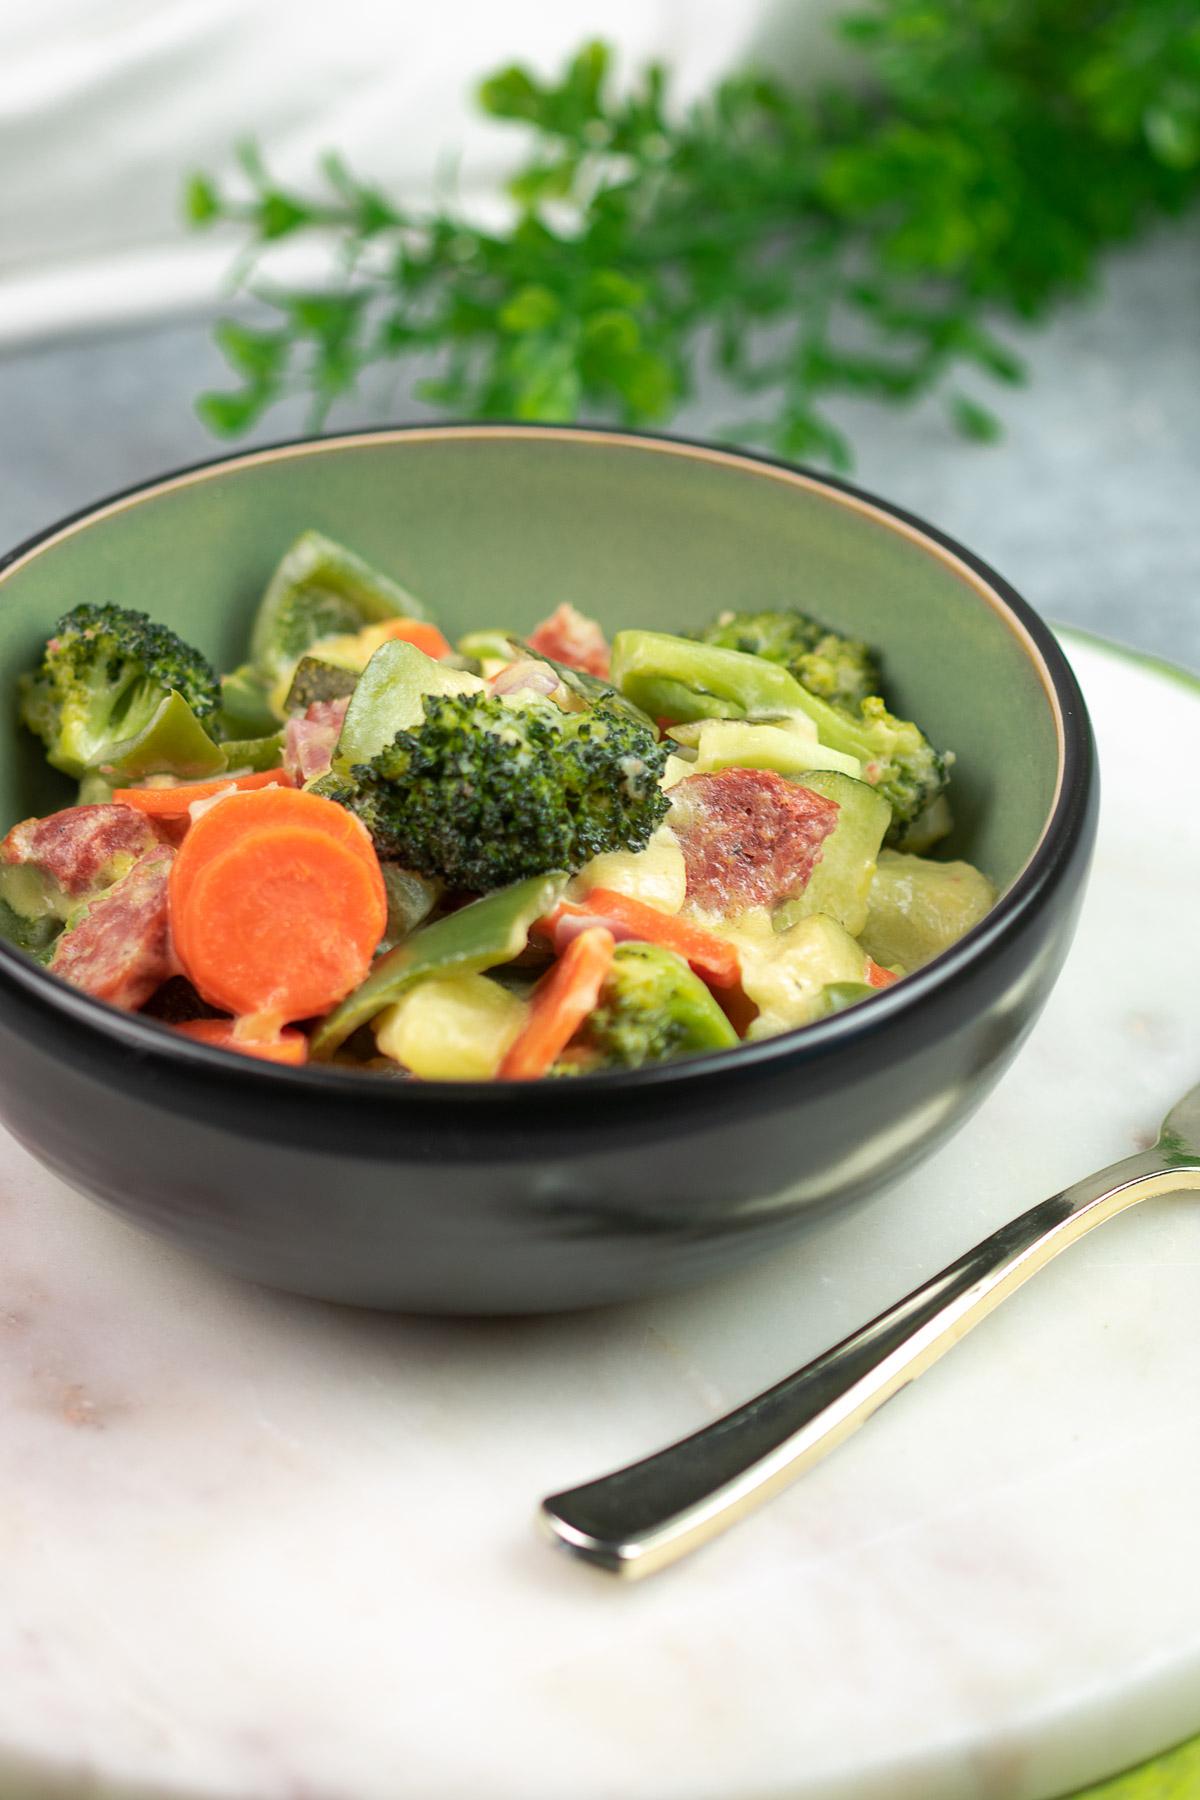 Das One-Pot-Gemüse ist ein leckerer Eintopf mit verschiedenem Gemüse, Mettenden und Schmand. Das Gericht ist einfach zu kochen und sehr lecker.